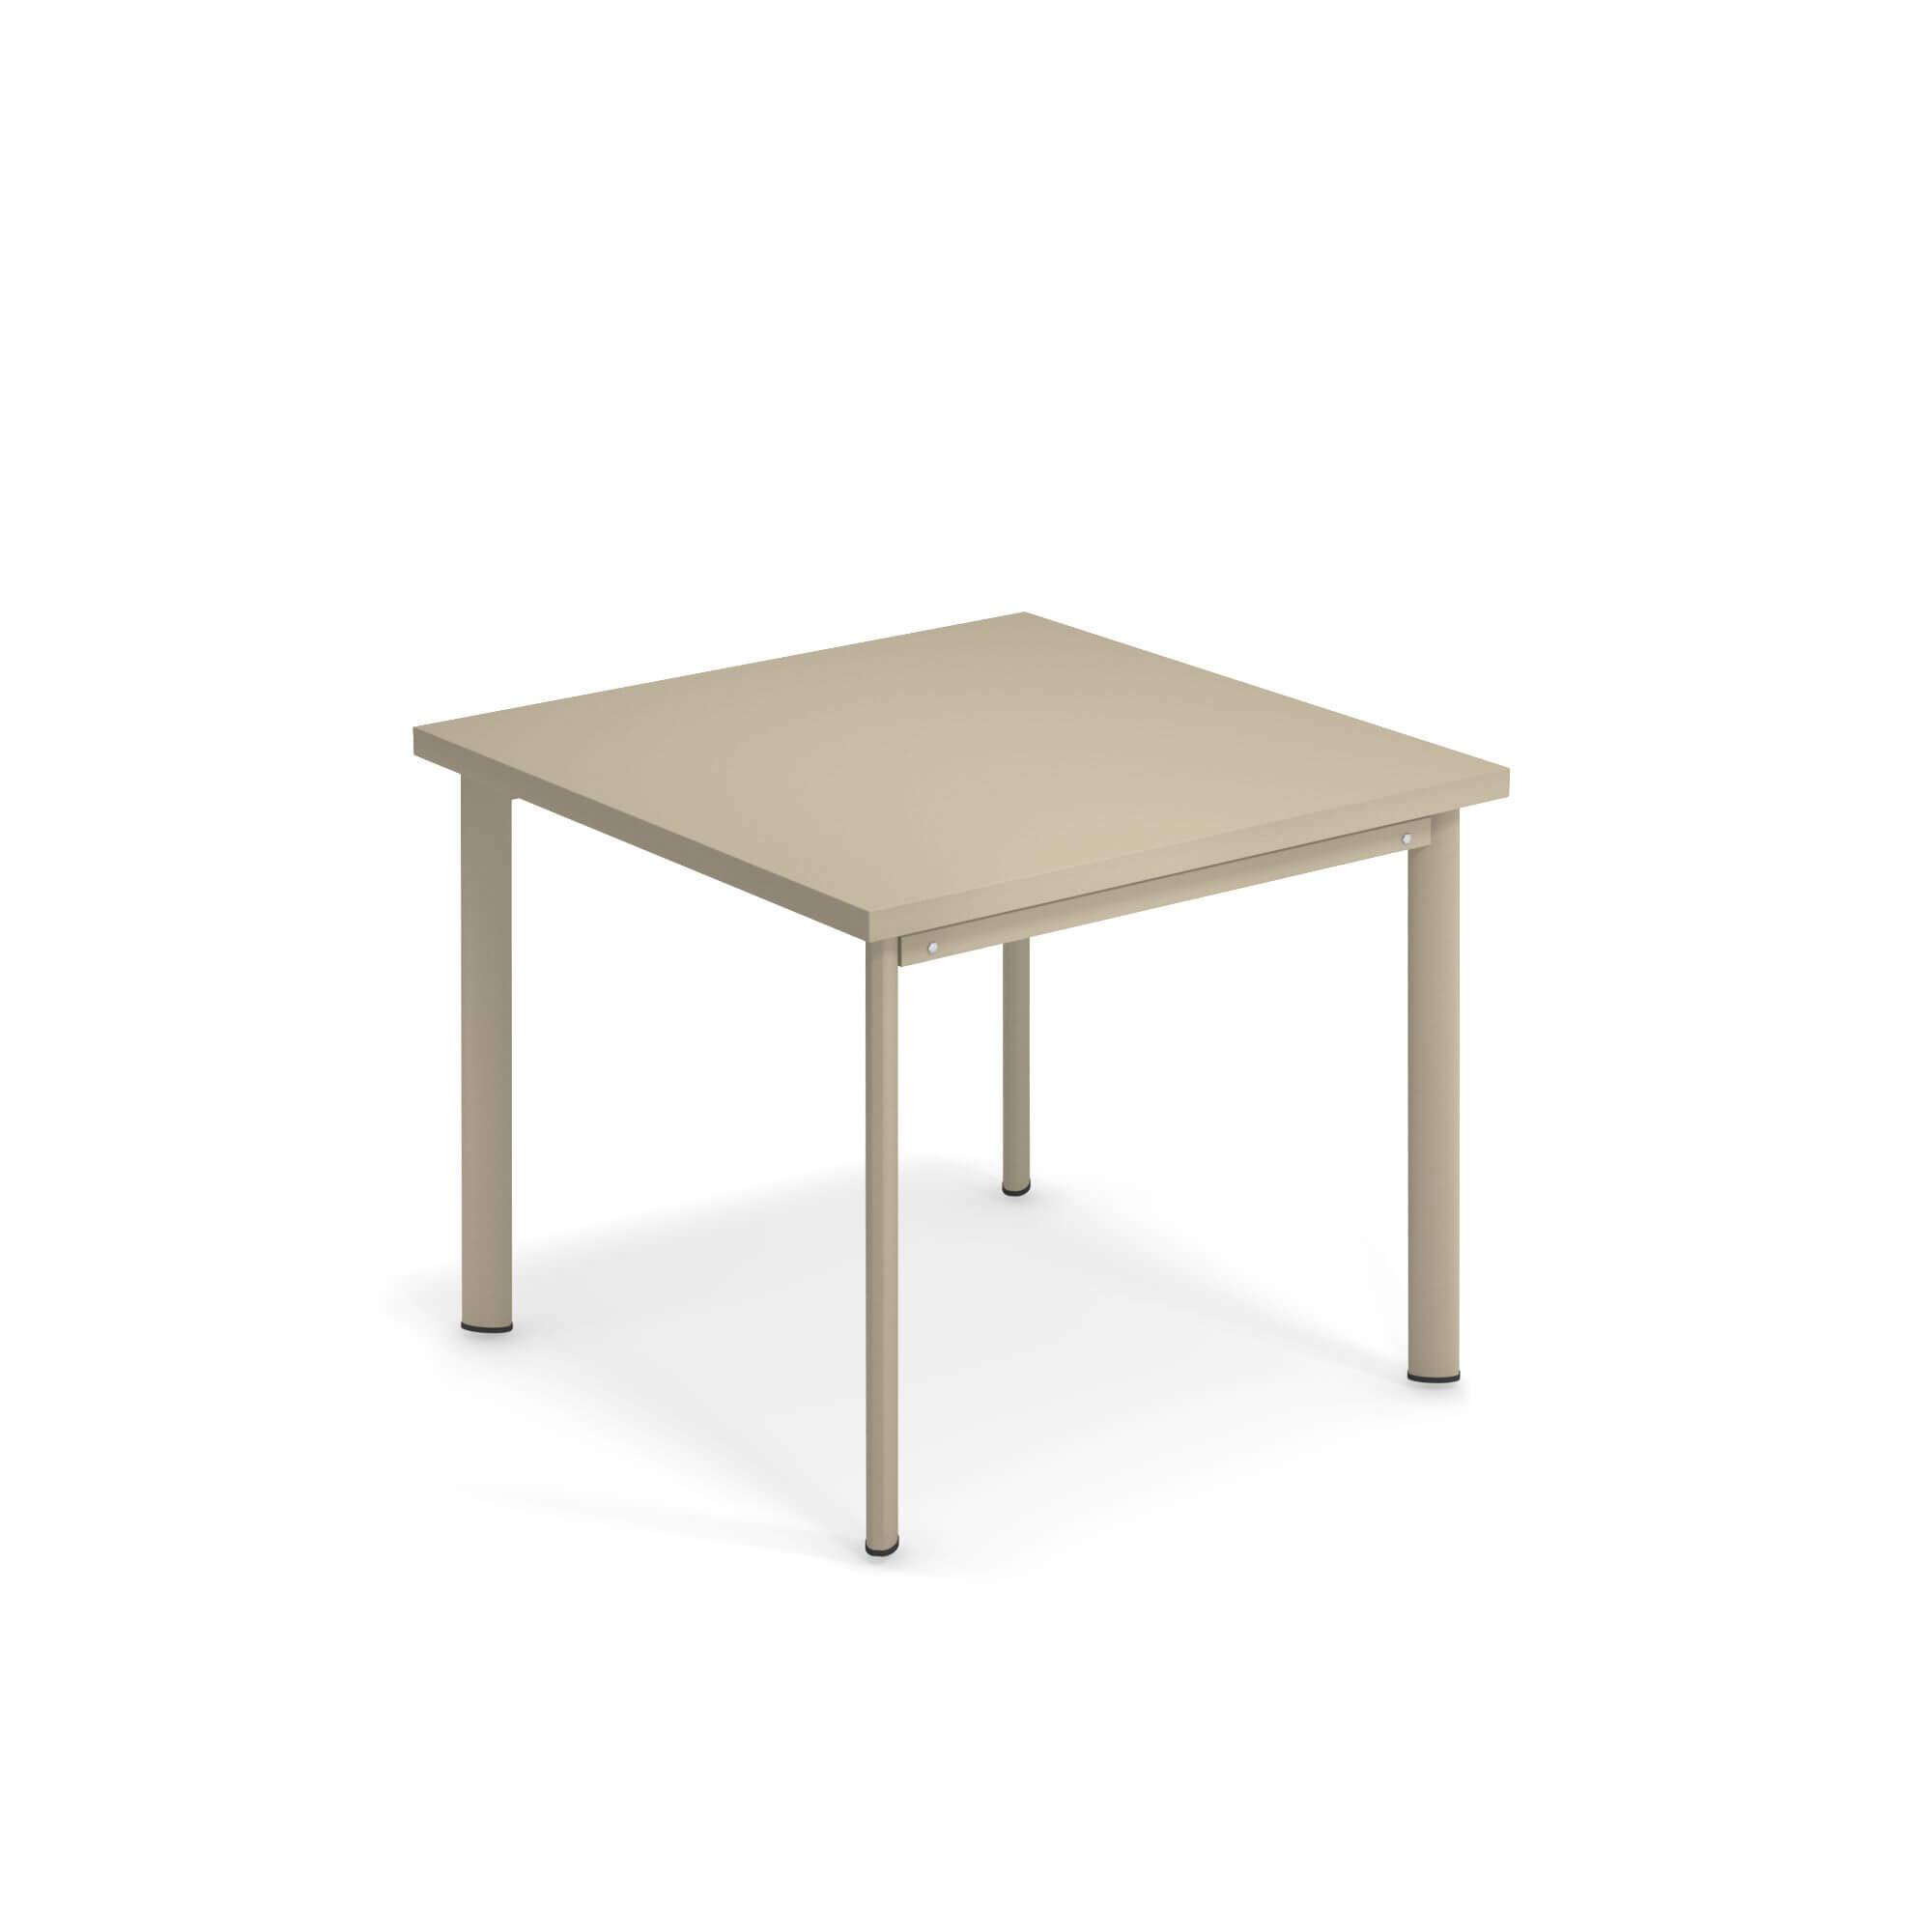 Tavolo Da Giardino 90x90.Tavolo Quadrato 90x90 Da Giardino Esterno In Acciaio